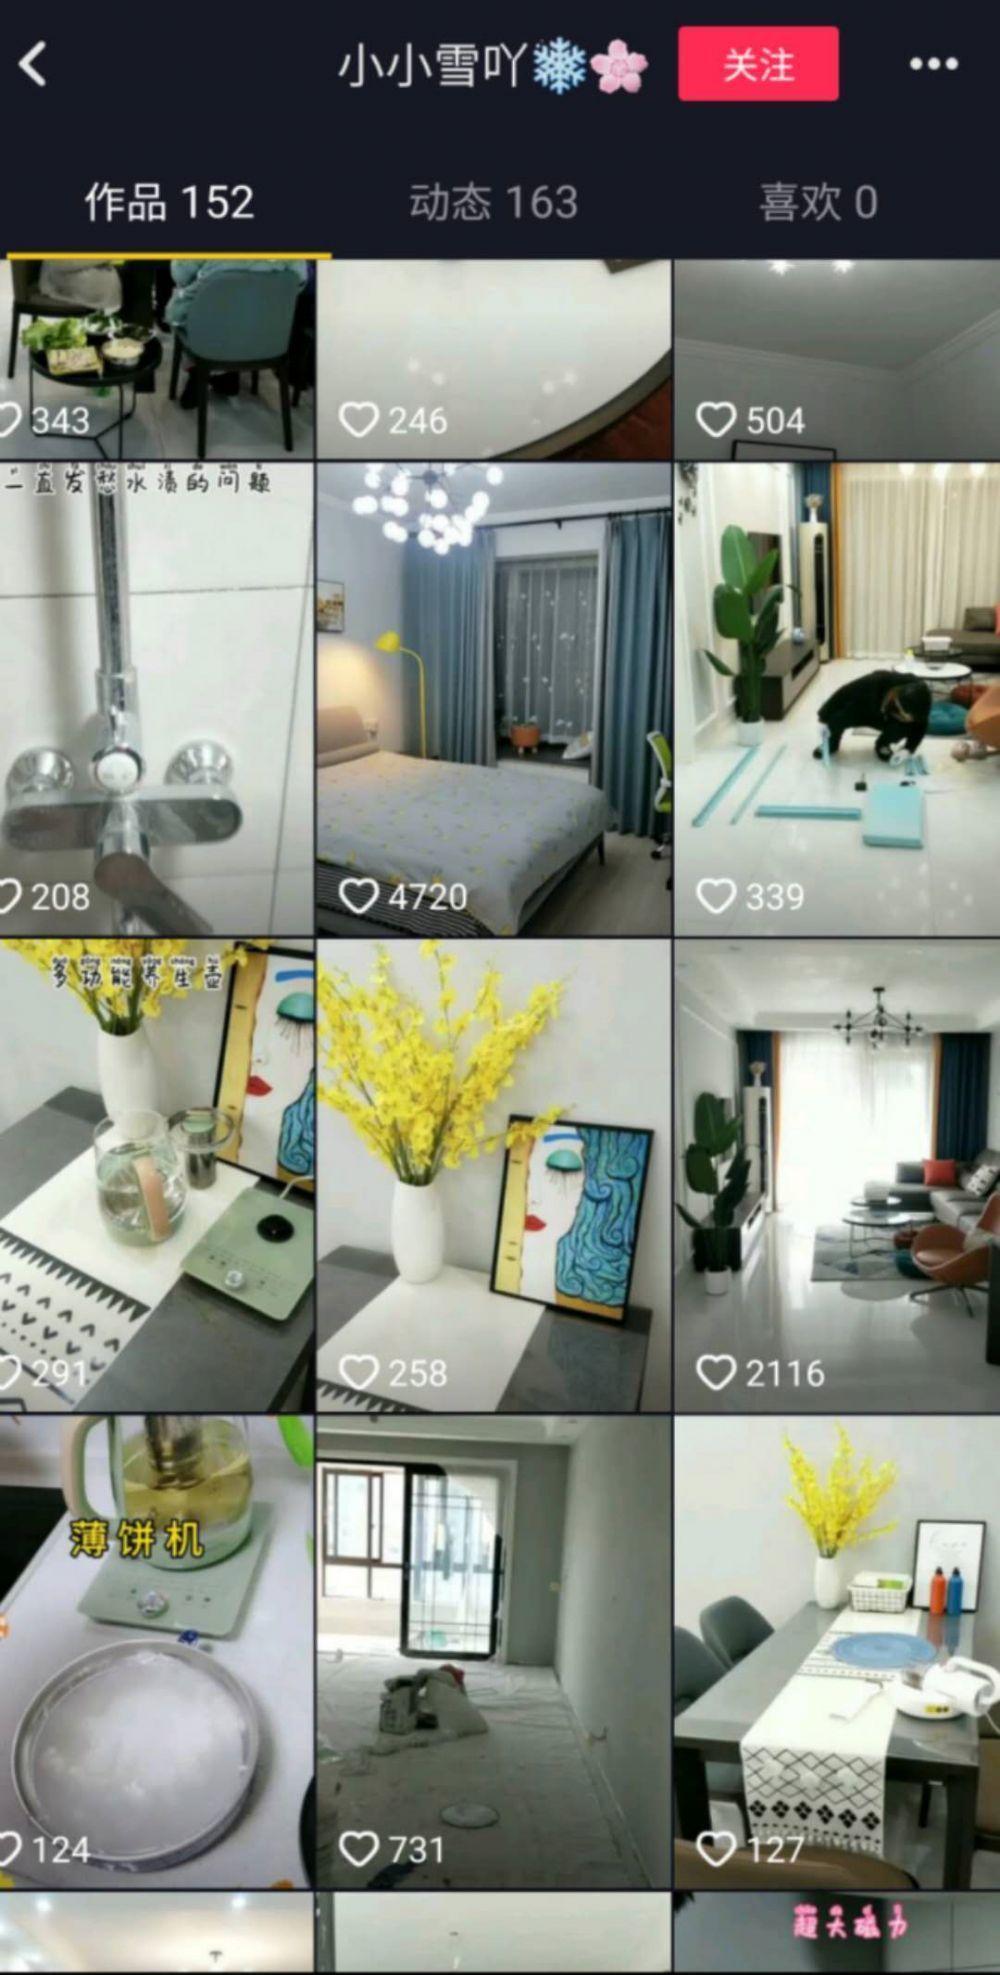 一天销售额90.6w,30天内冲榜27次,普通人如何做直播赚钱?-第7张图片-周小辉<a href='http://www.zhouxiaohui.cn/duanshipin/'>短视频</a>培训博客